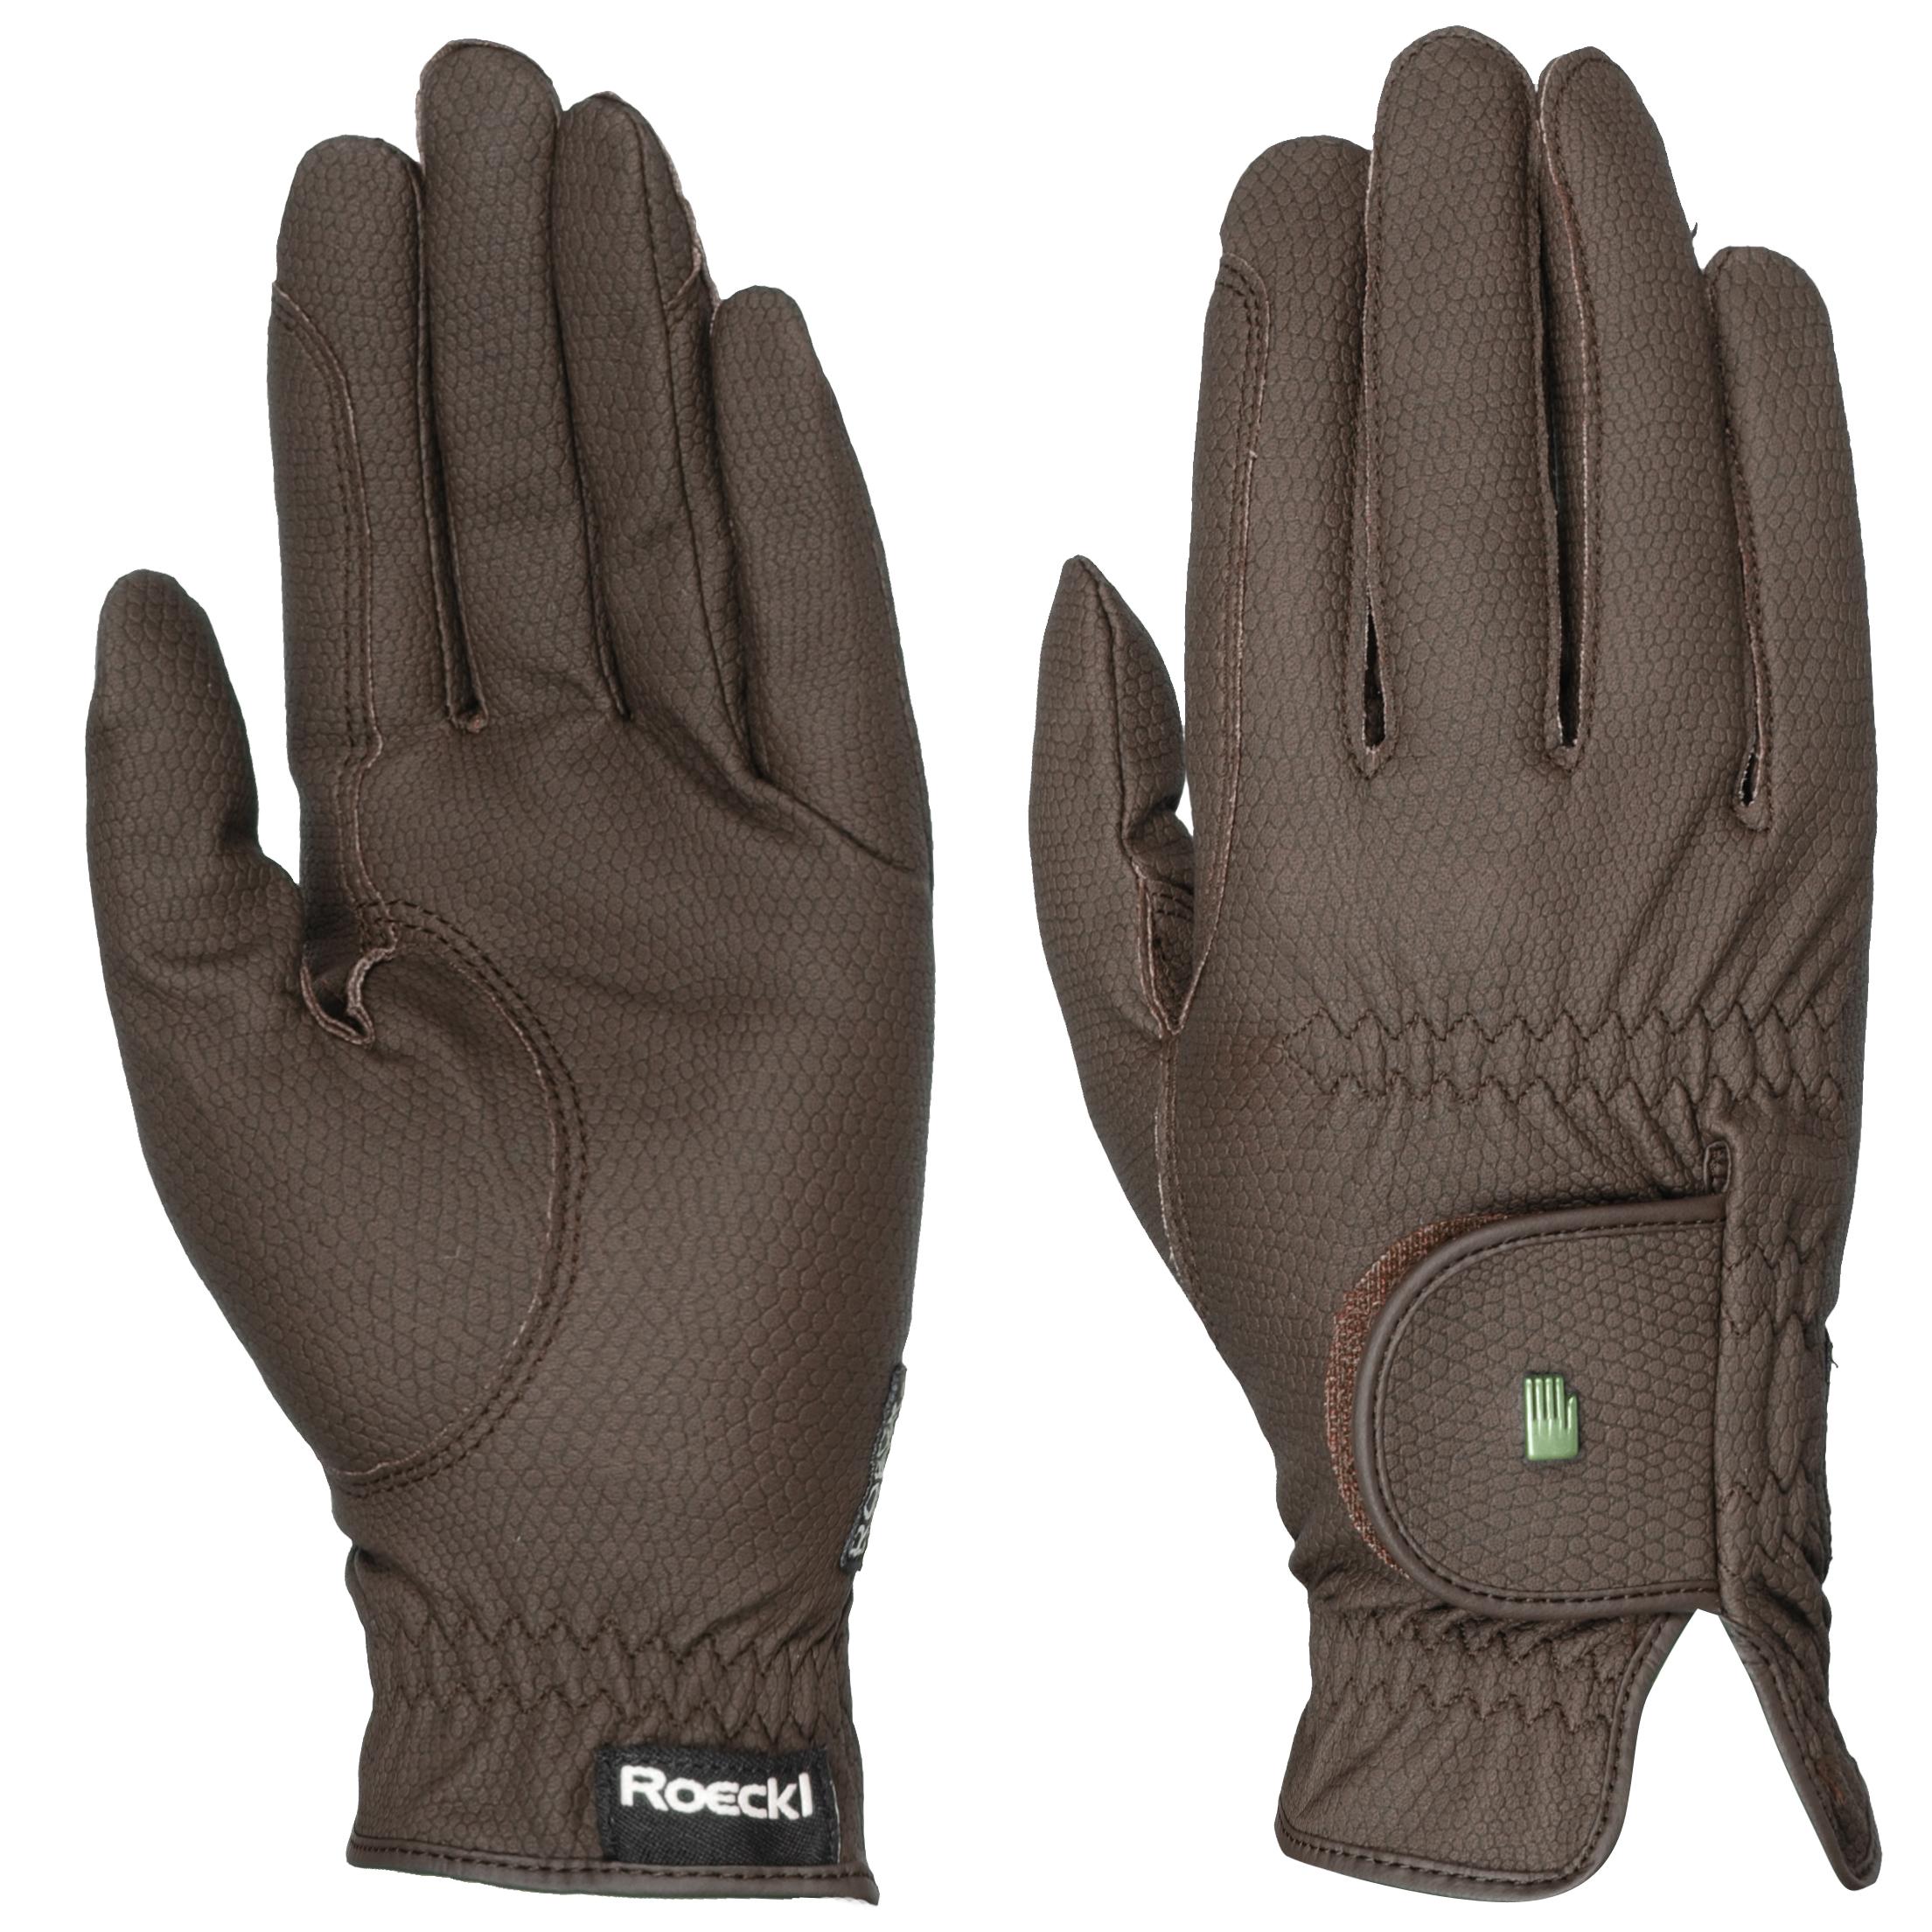 Roeckl Roeck grip Handschoen bruin maat:9